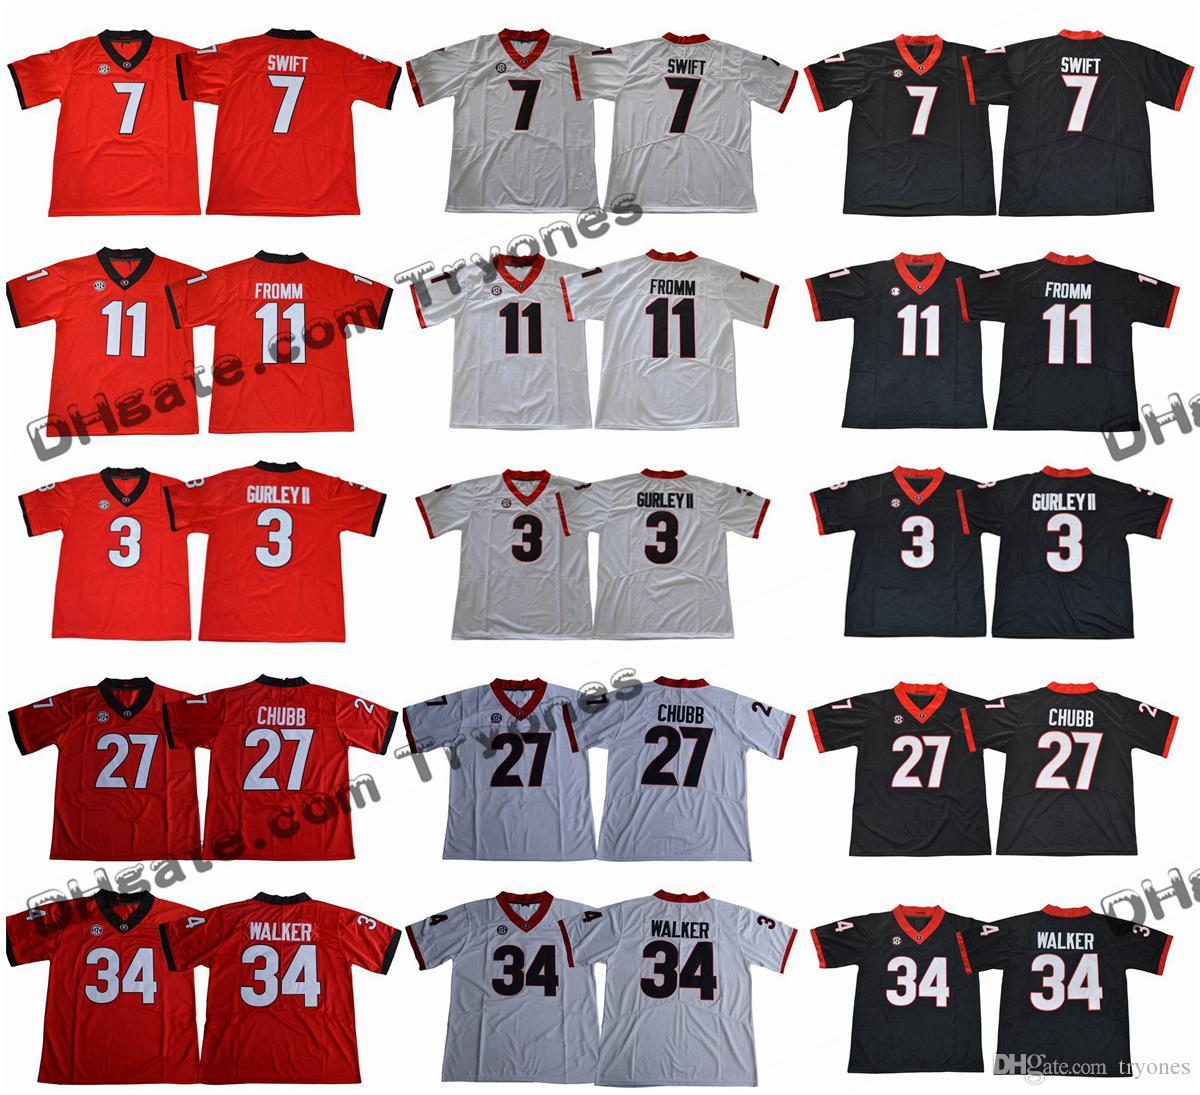 2017 Georgia Bulldogs College Football Jersey 11 Jake Fromm 7 D'Andre Swift 27 Nick Chubb 34 Herschel Walker 3 Todd Gurley II neuen Mens-Hemden